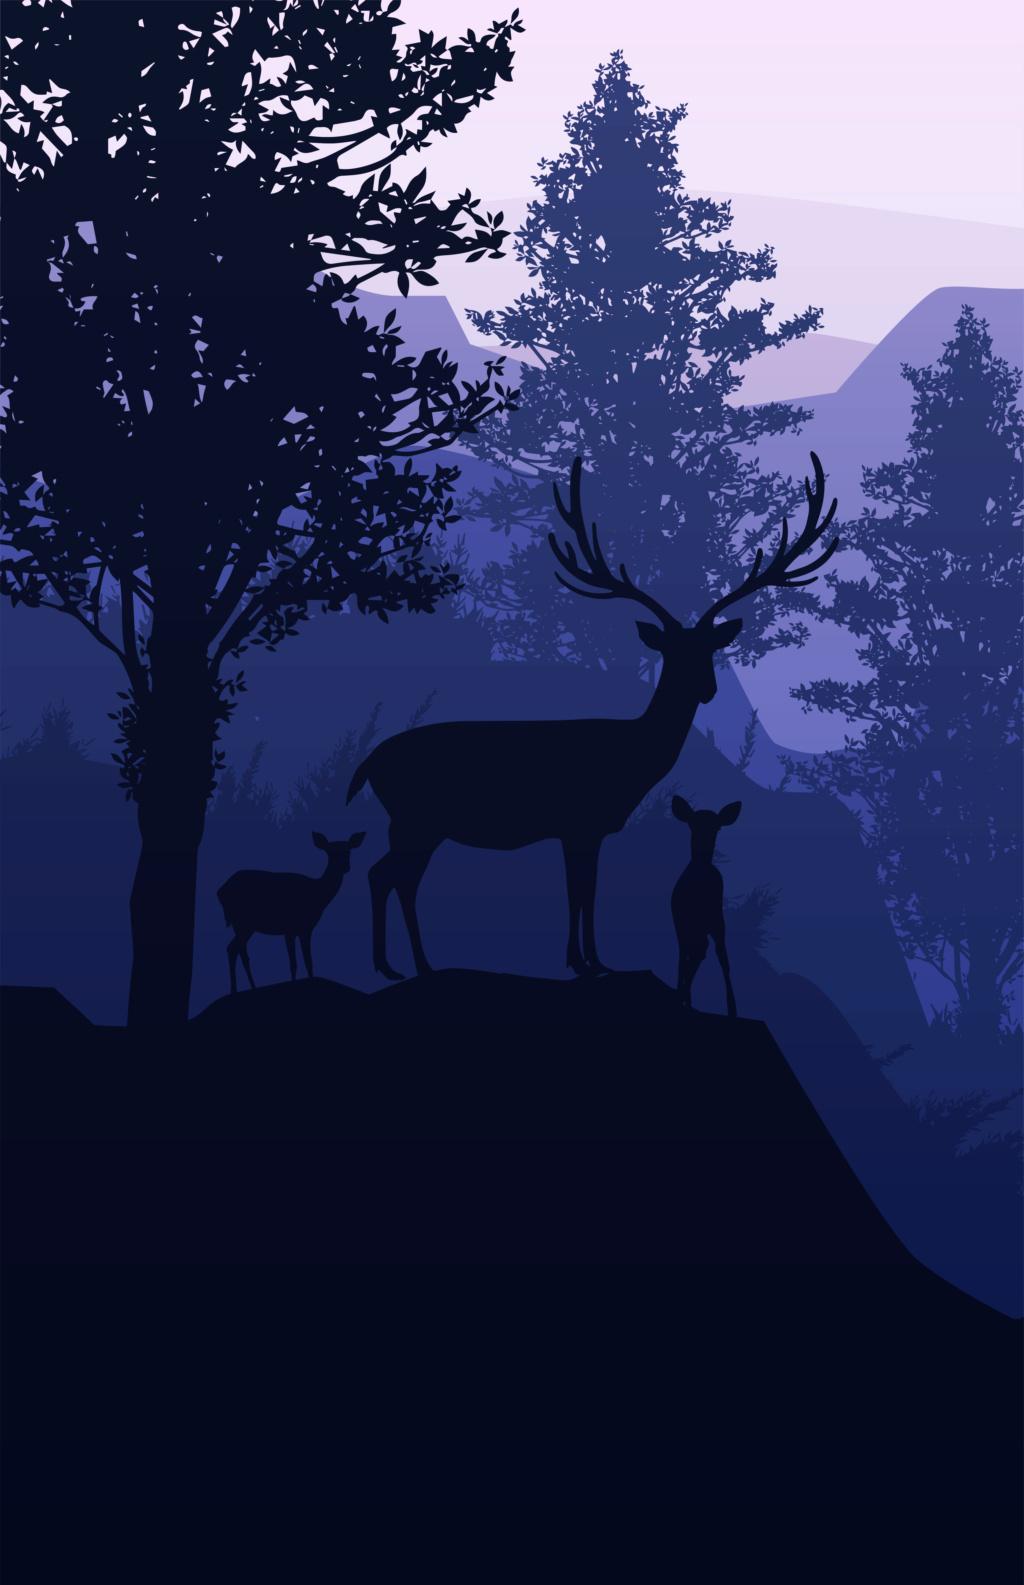 Жизненная мотивация (мышление на миллион) Deer-410